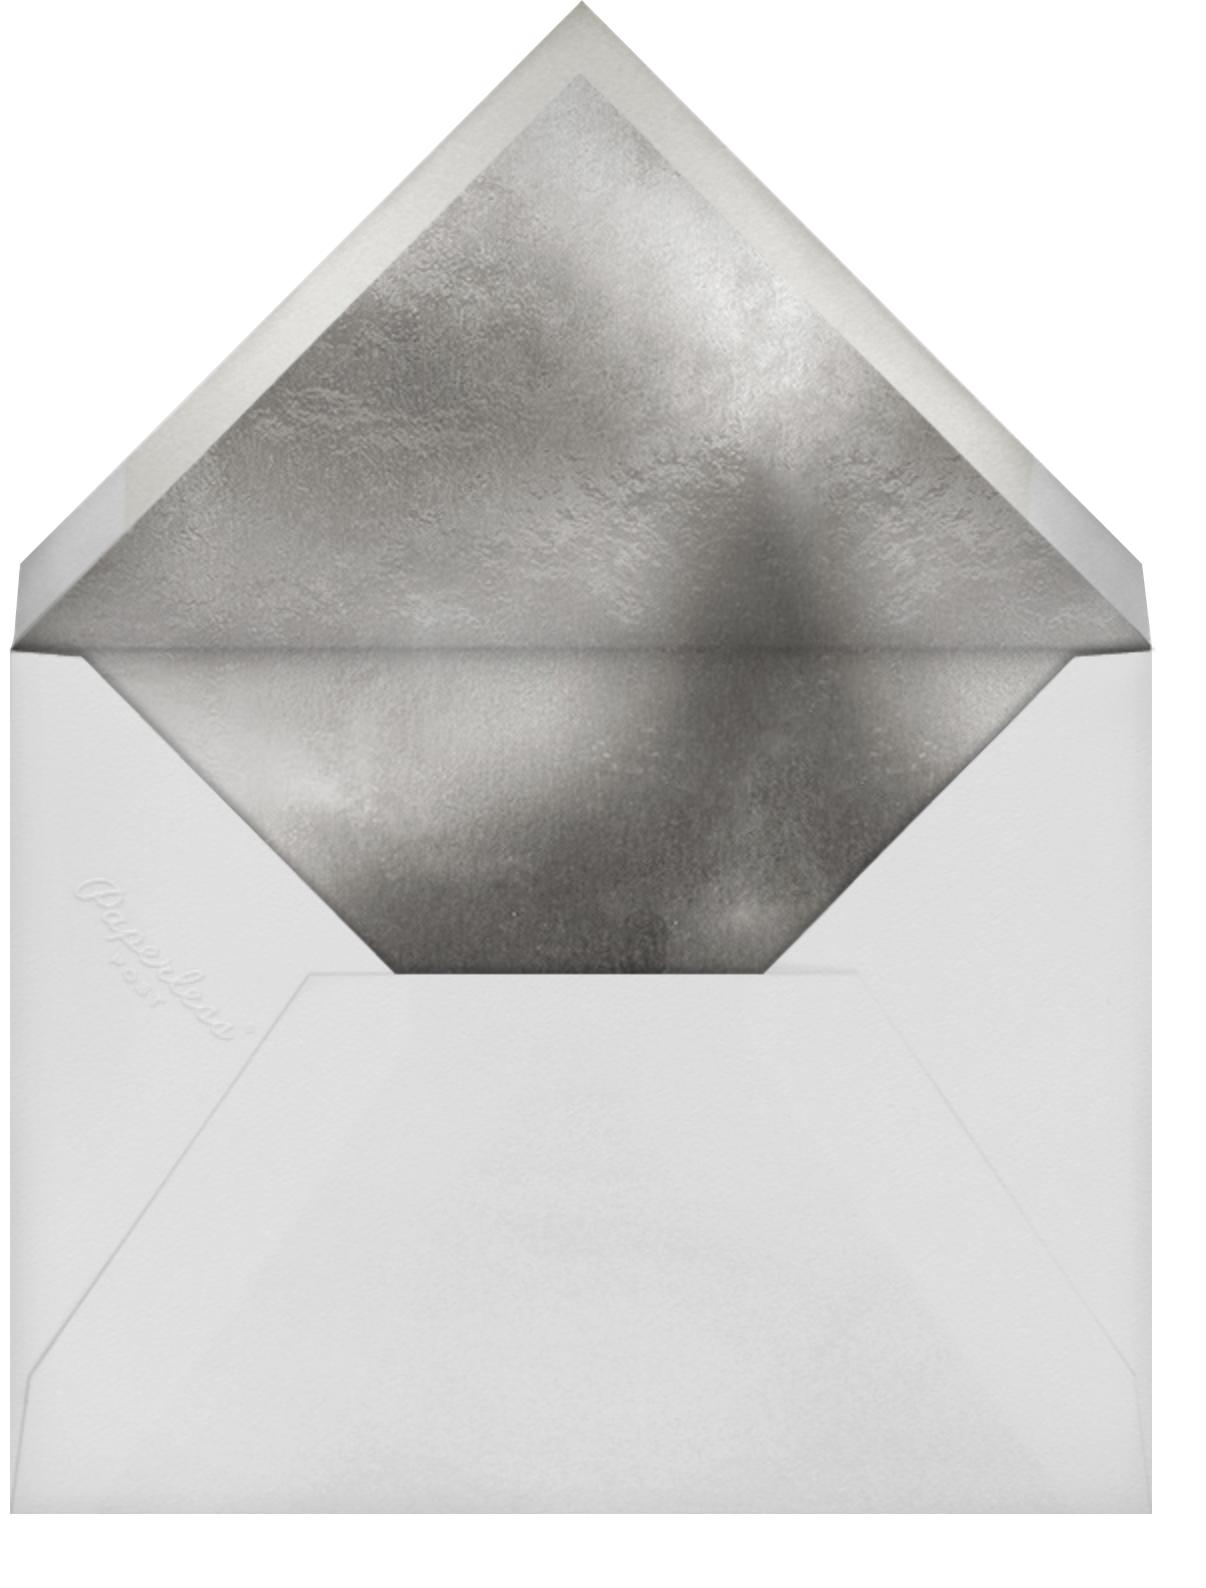 Delano - Jonathan Adler - Reception - envelope back